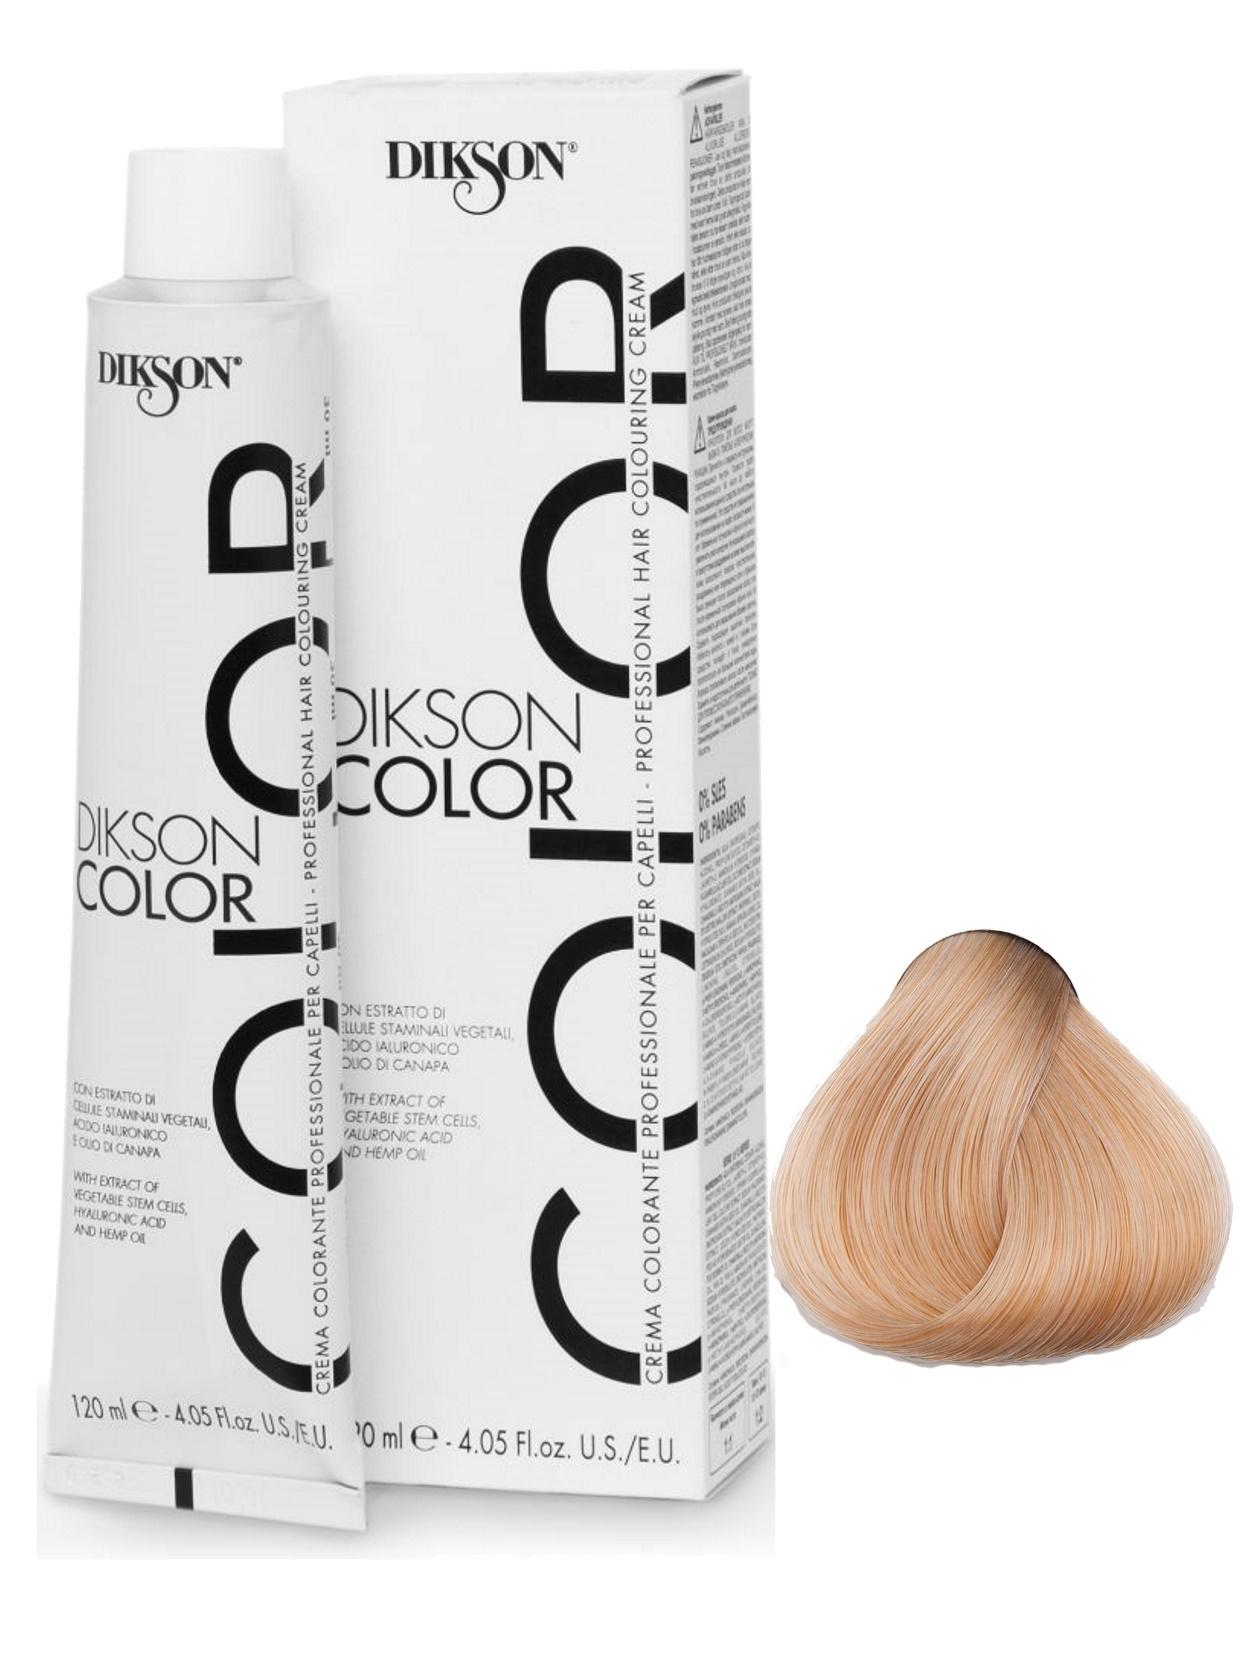 Крем-краска DIKSON для окрашивания волос 11.02 очень светло-русый с бежевым оттенком 120мл